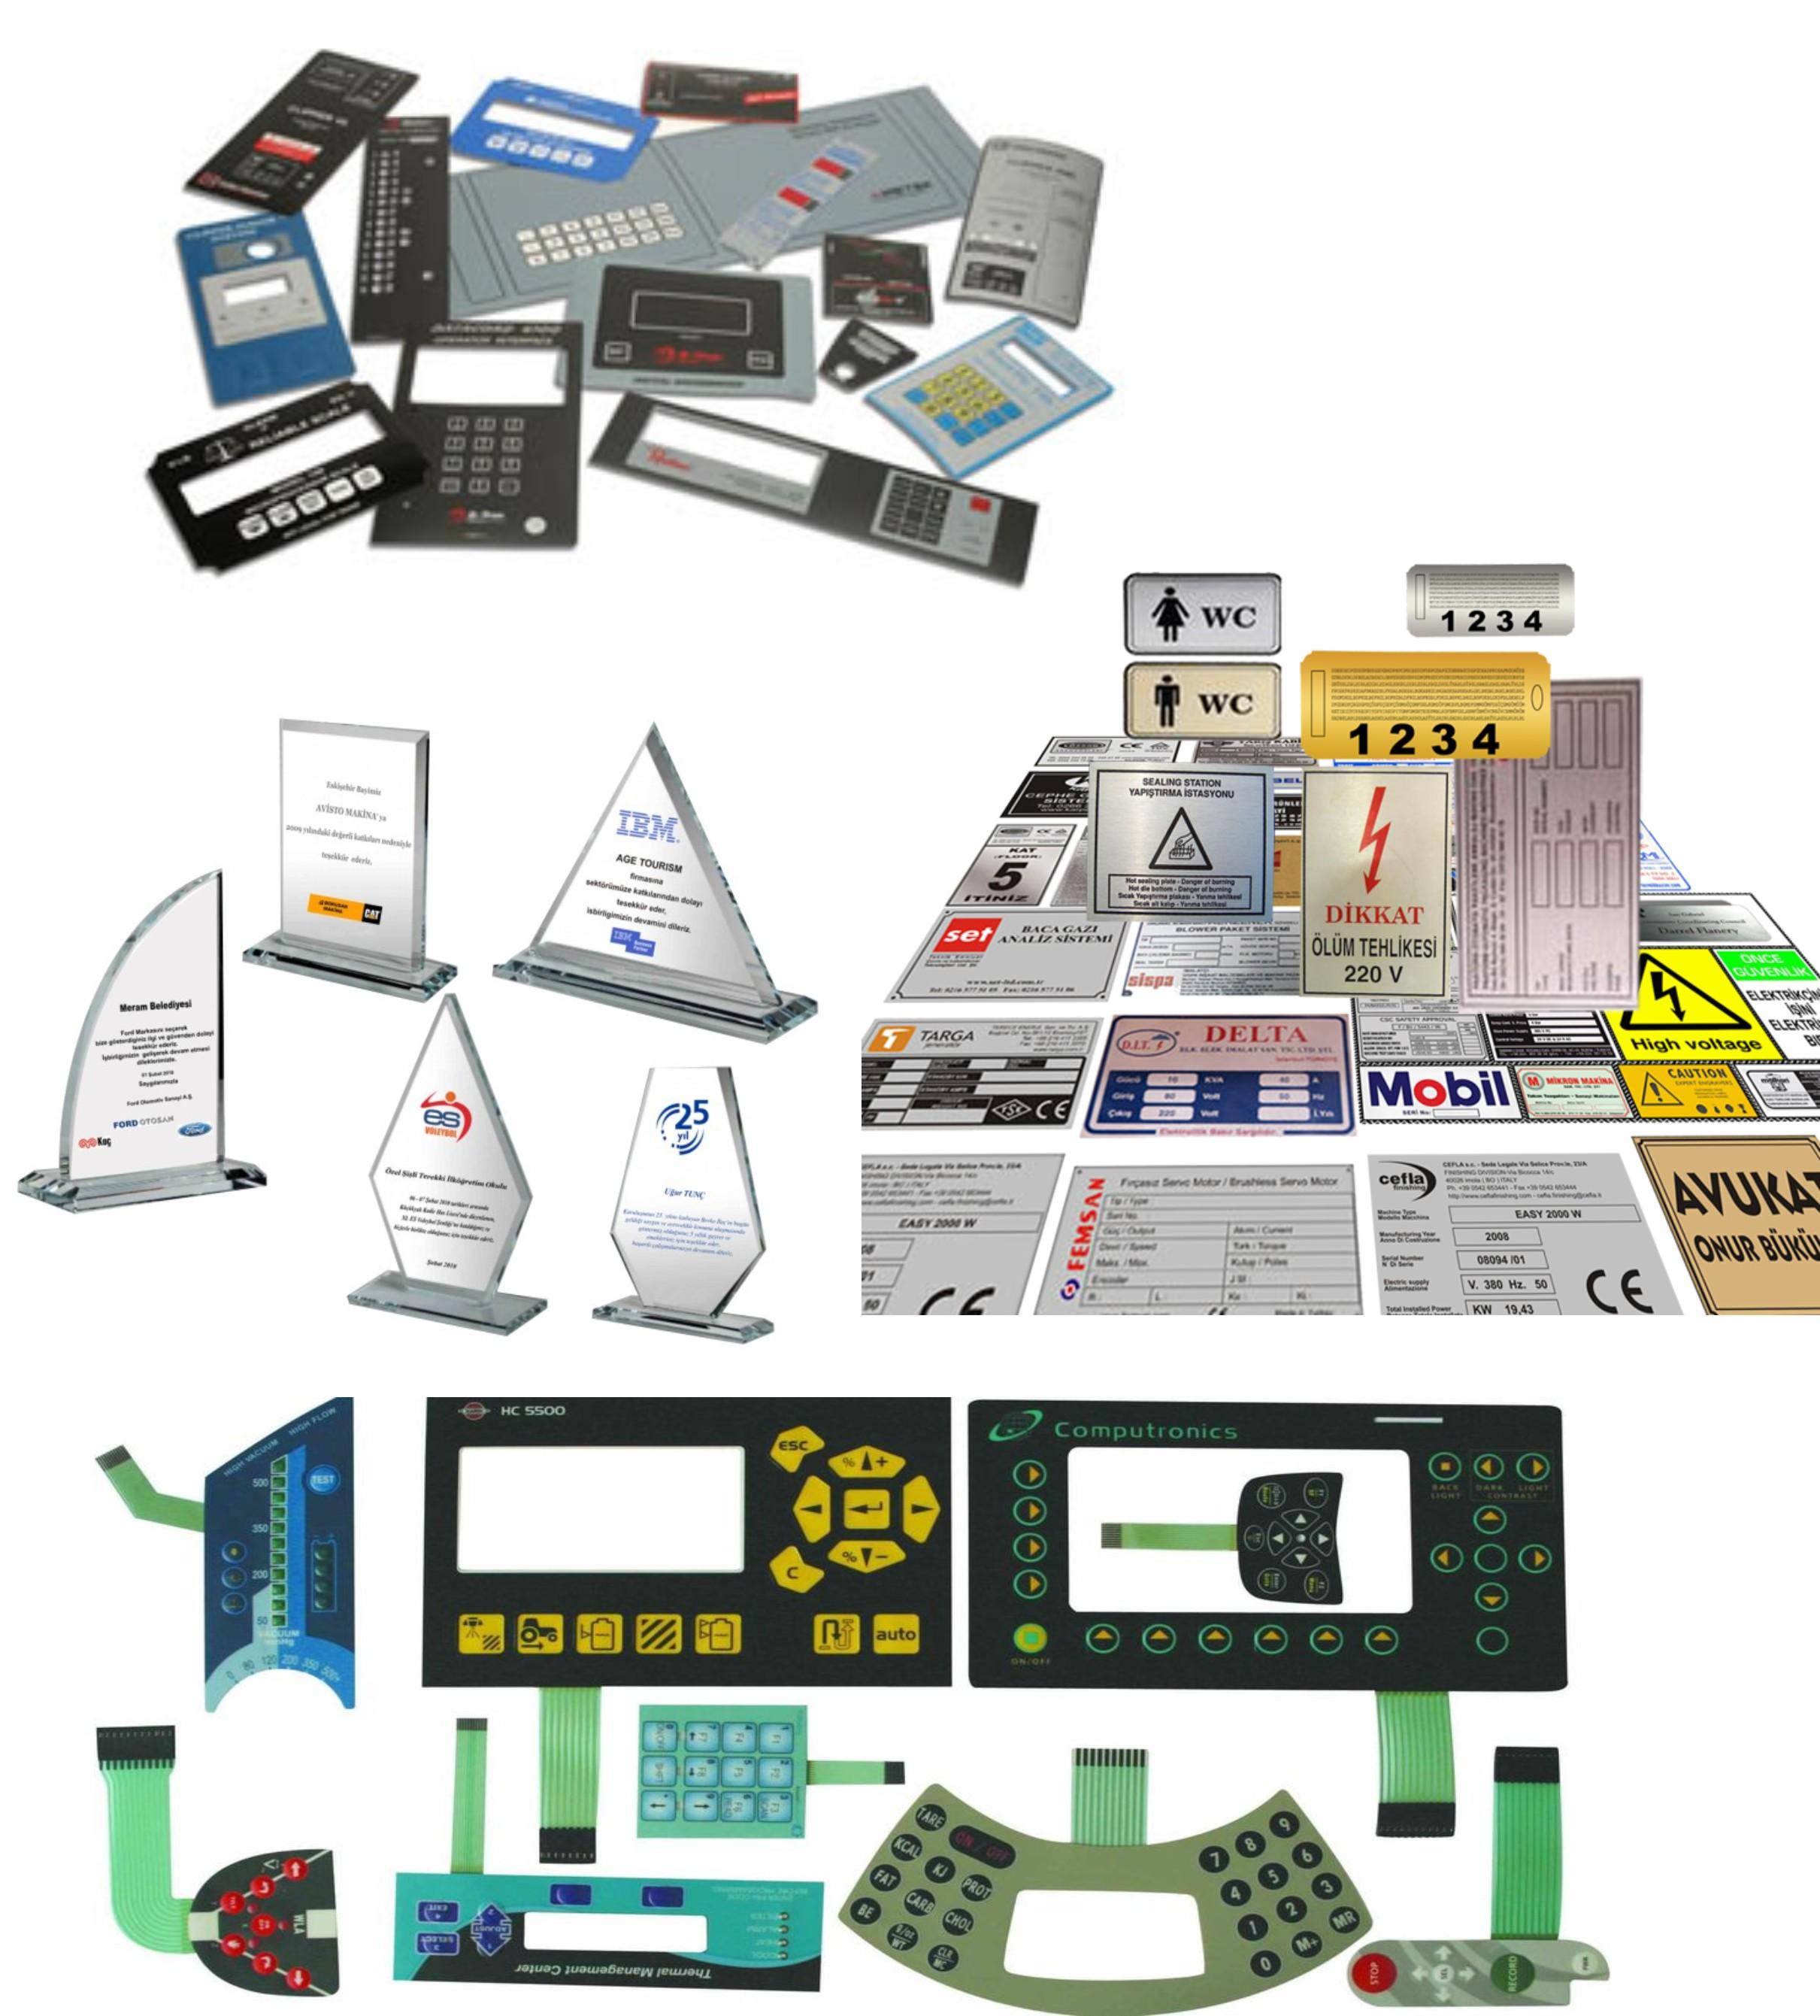 konya alüminyum etiket,konya plaka etiket,konya leksan etiket,konya asit indirme etiket,konya serigrafi etket,lexan panel,plaket,ödül plaket imalatı,asansör etiketi,makine imalat etiketi,elektronik etiket imalatı,makine panel etiketi,saç etiket,otomotiv etiketi,ark leksan etiket,ark alüminyum etiket,eloksal etiket